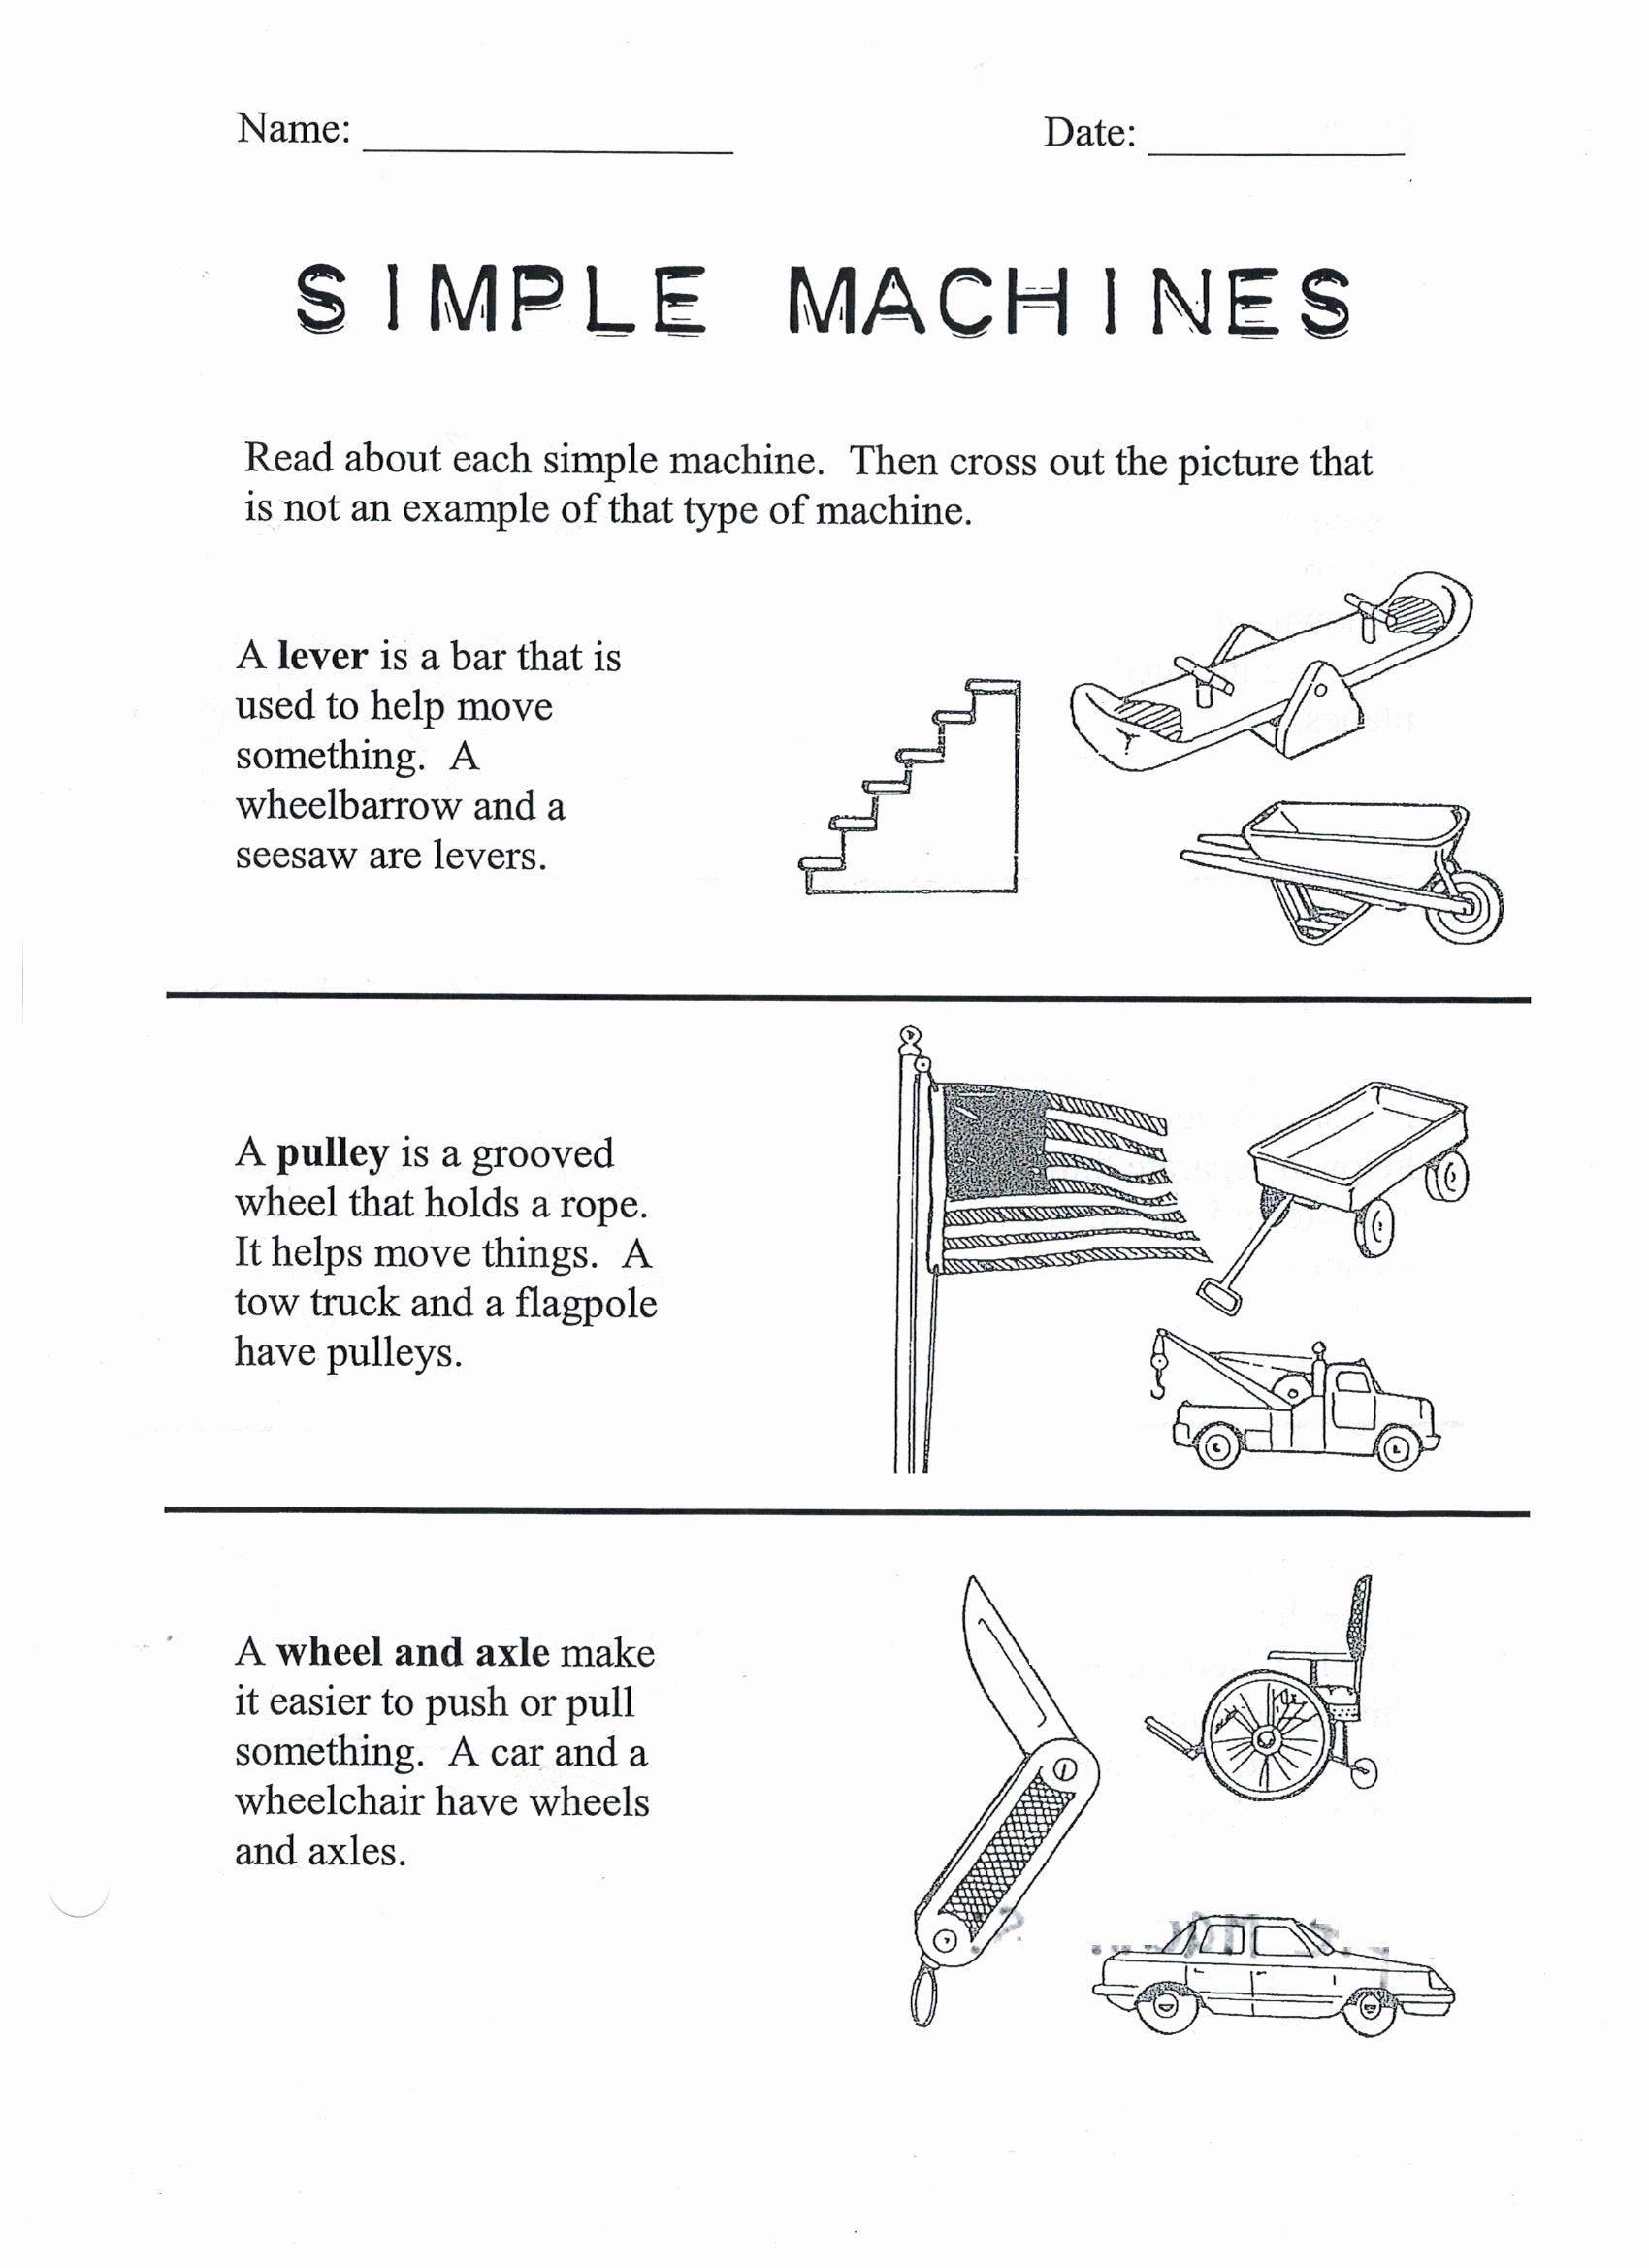 Bill Nye Simple Machines Worksheet Elegant Worksheet Bill Nye Simple Machines Worksheet Grass Fedjp